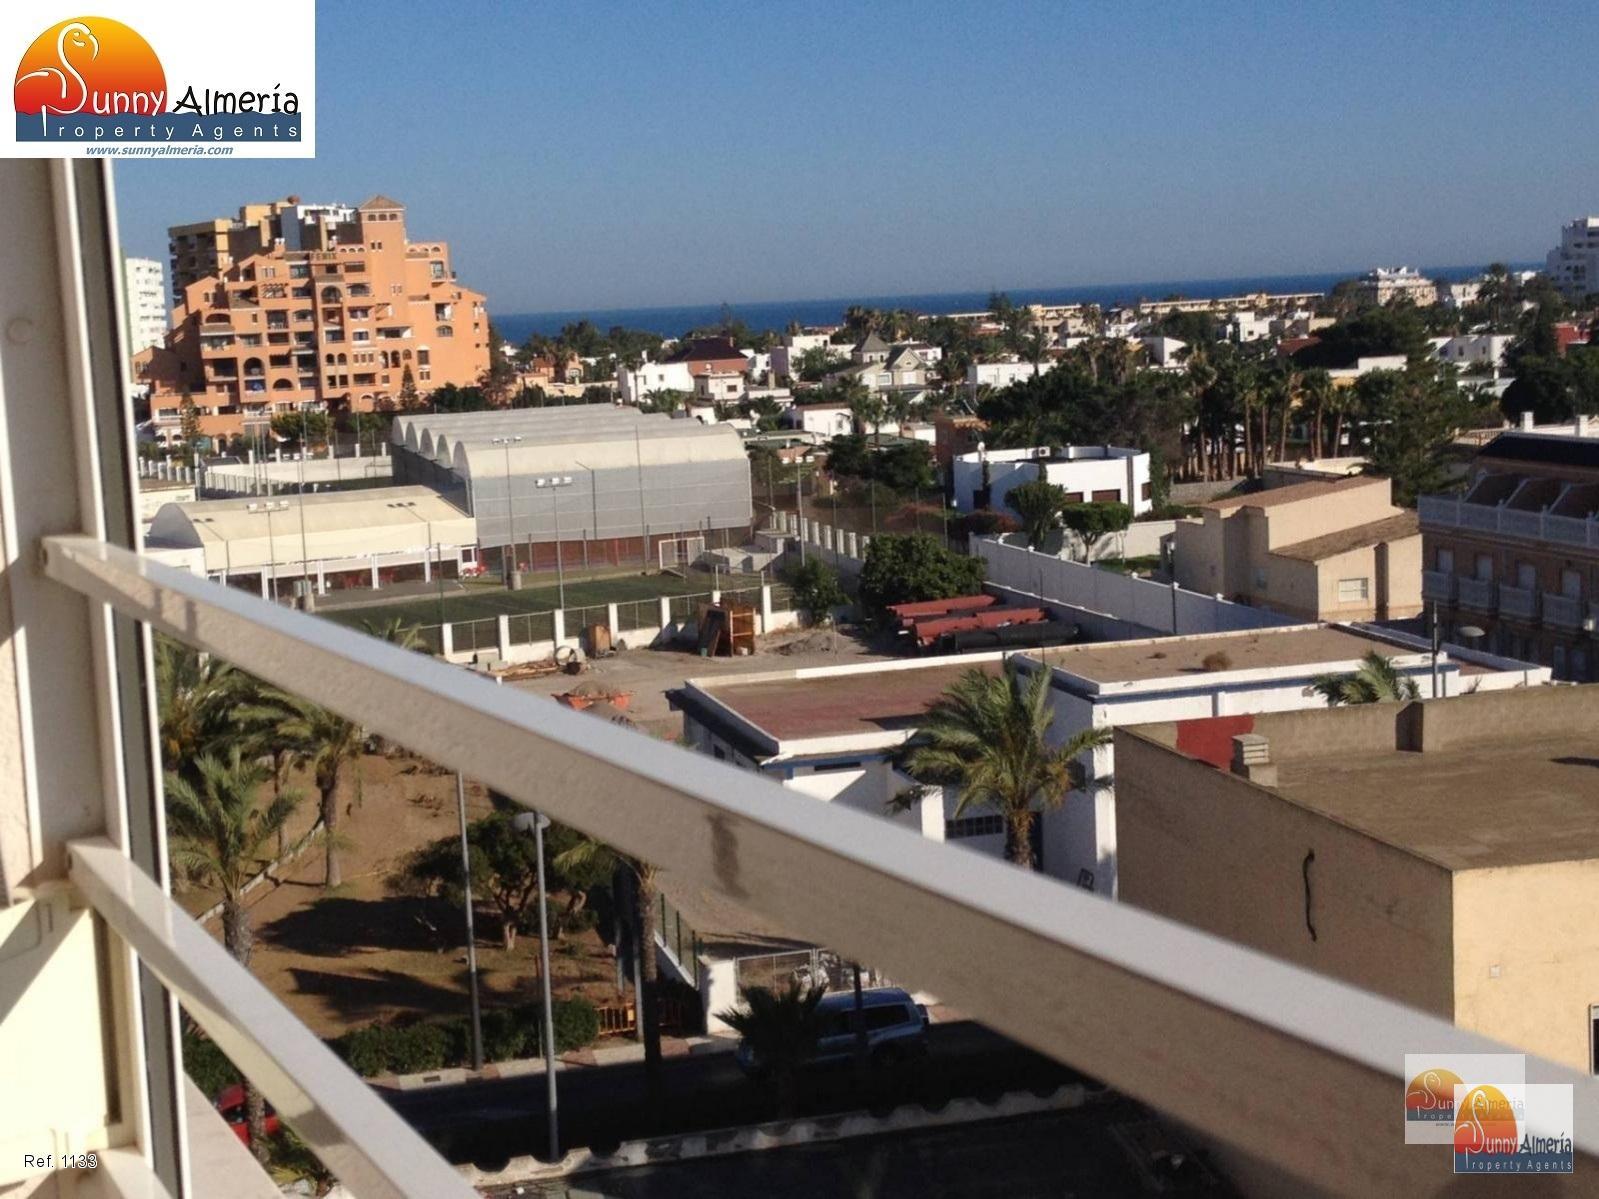 Holiday Apartment in av Rosita Ferrer (Roquetas de Mar)